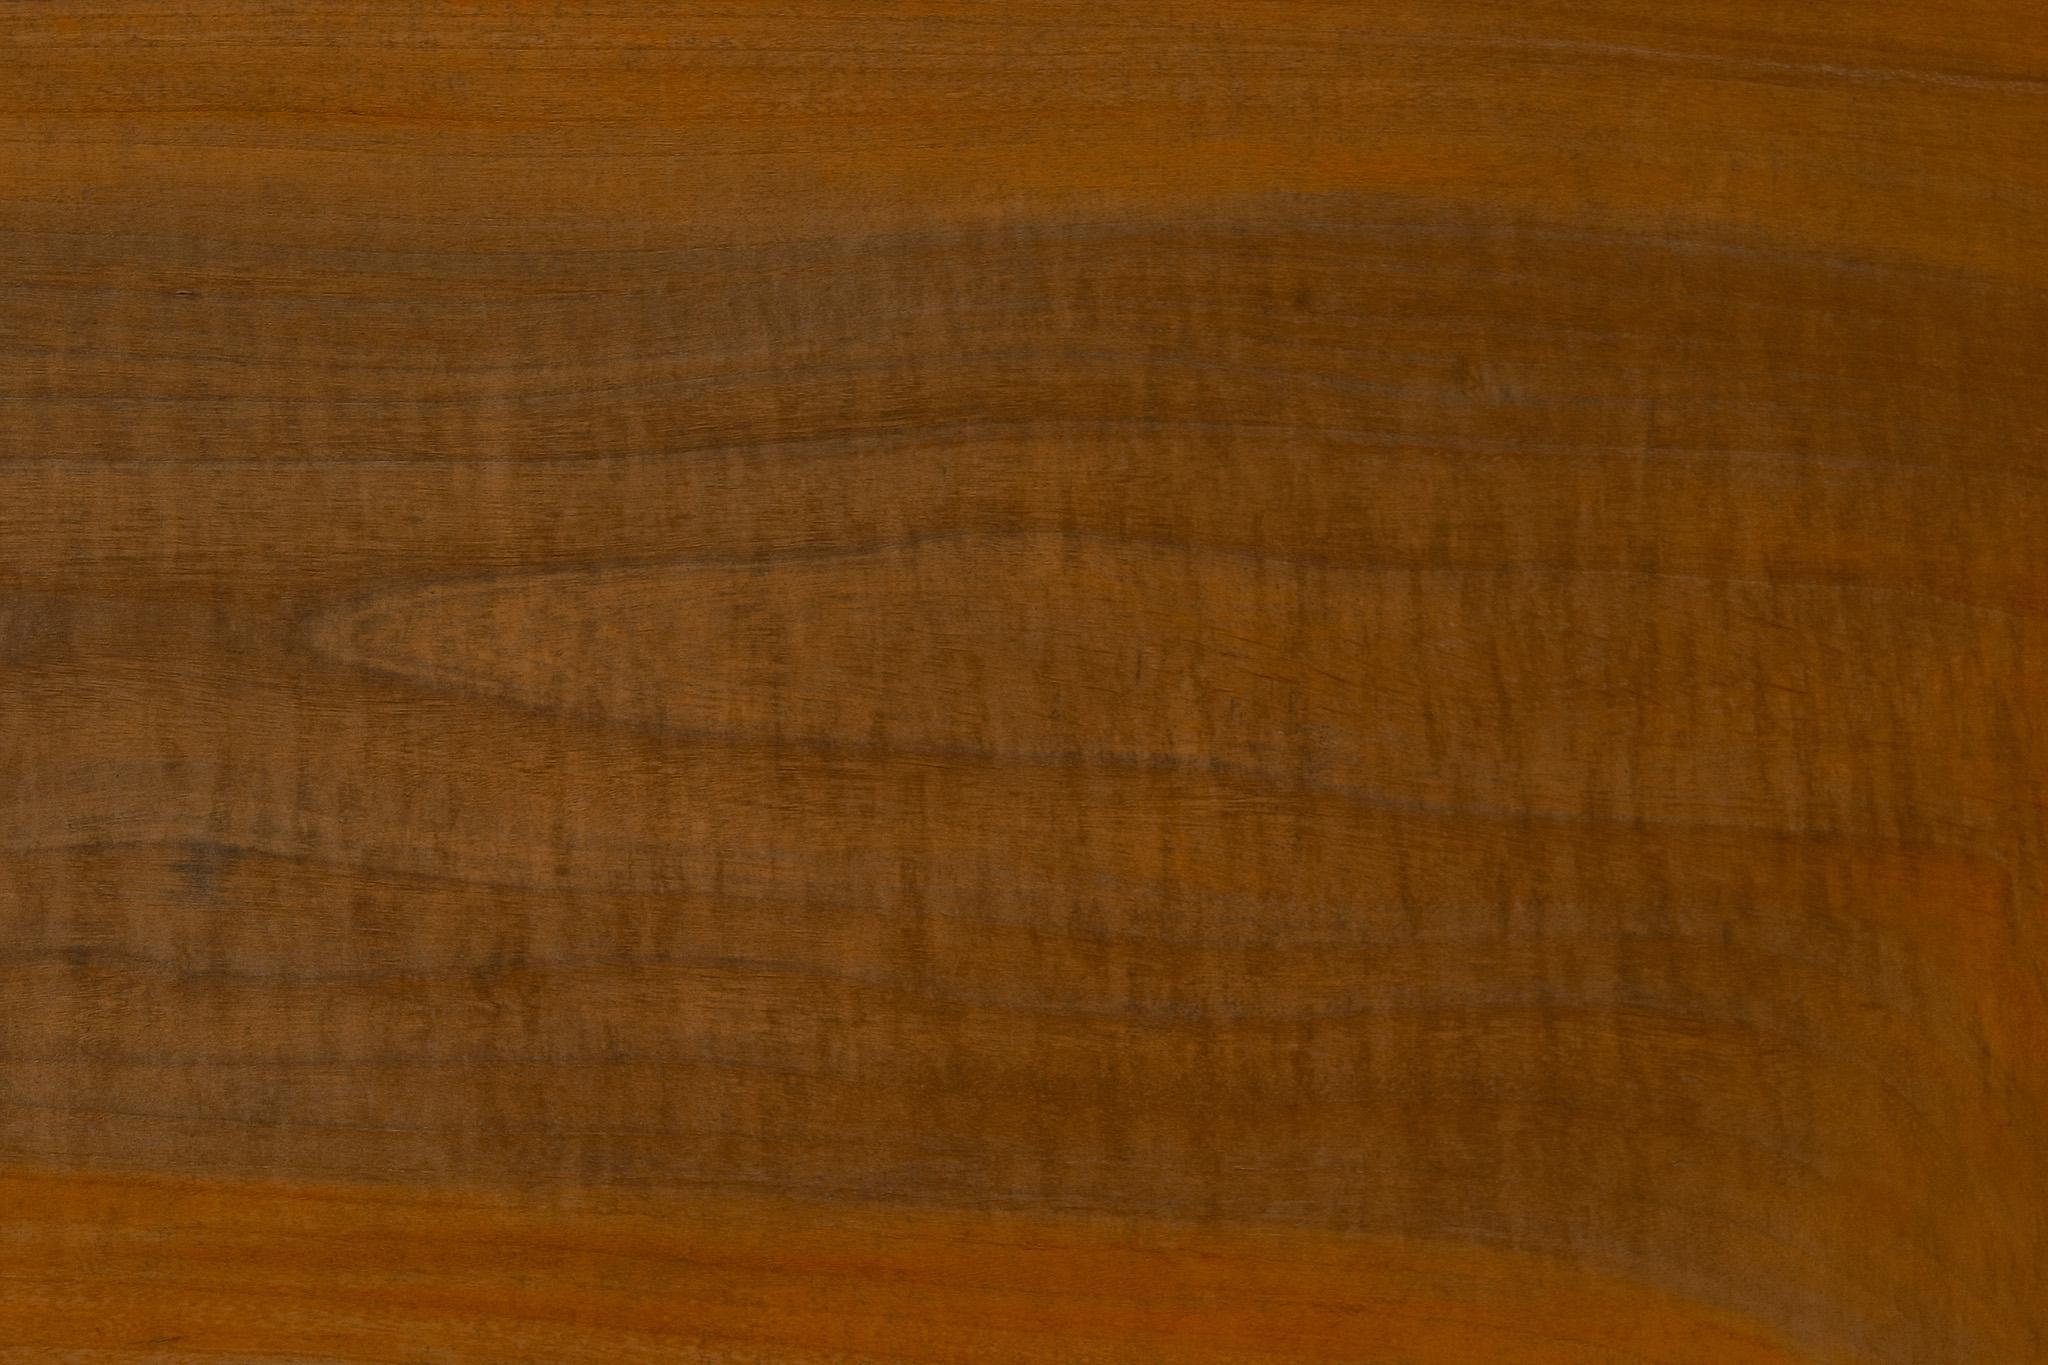 「使い込んだ古い木の板」の素材を無料ダウンロード